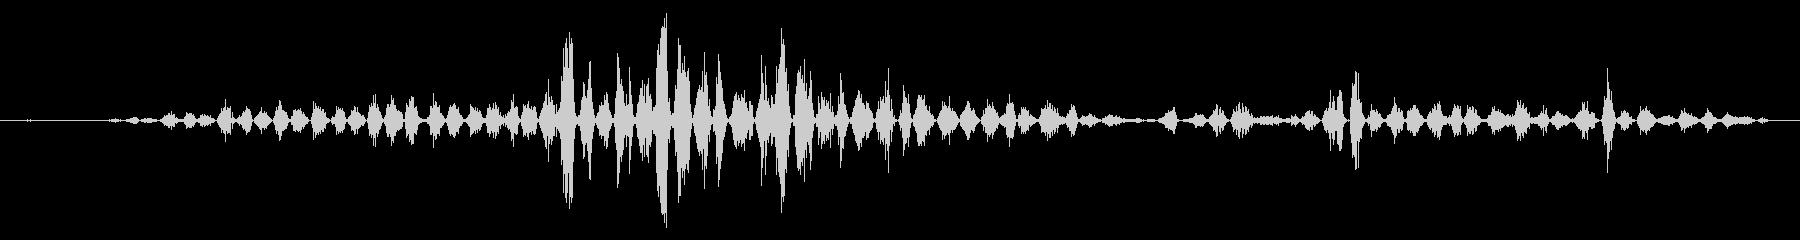 ヘビー、高速パンティング、エキサイ...の未再生の波形